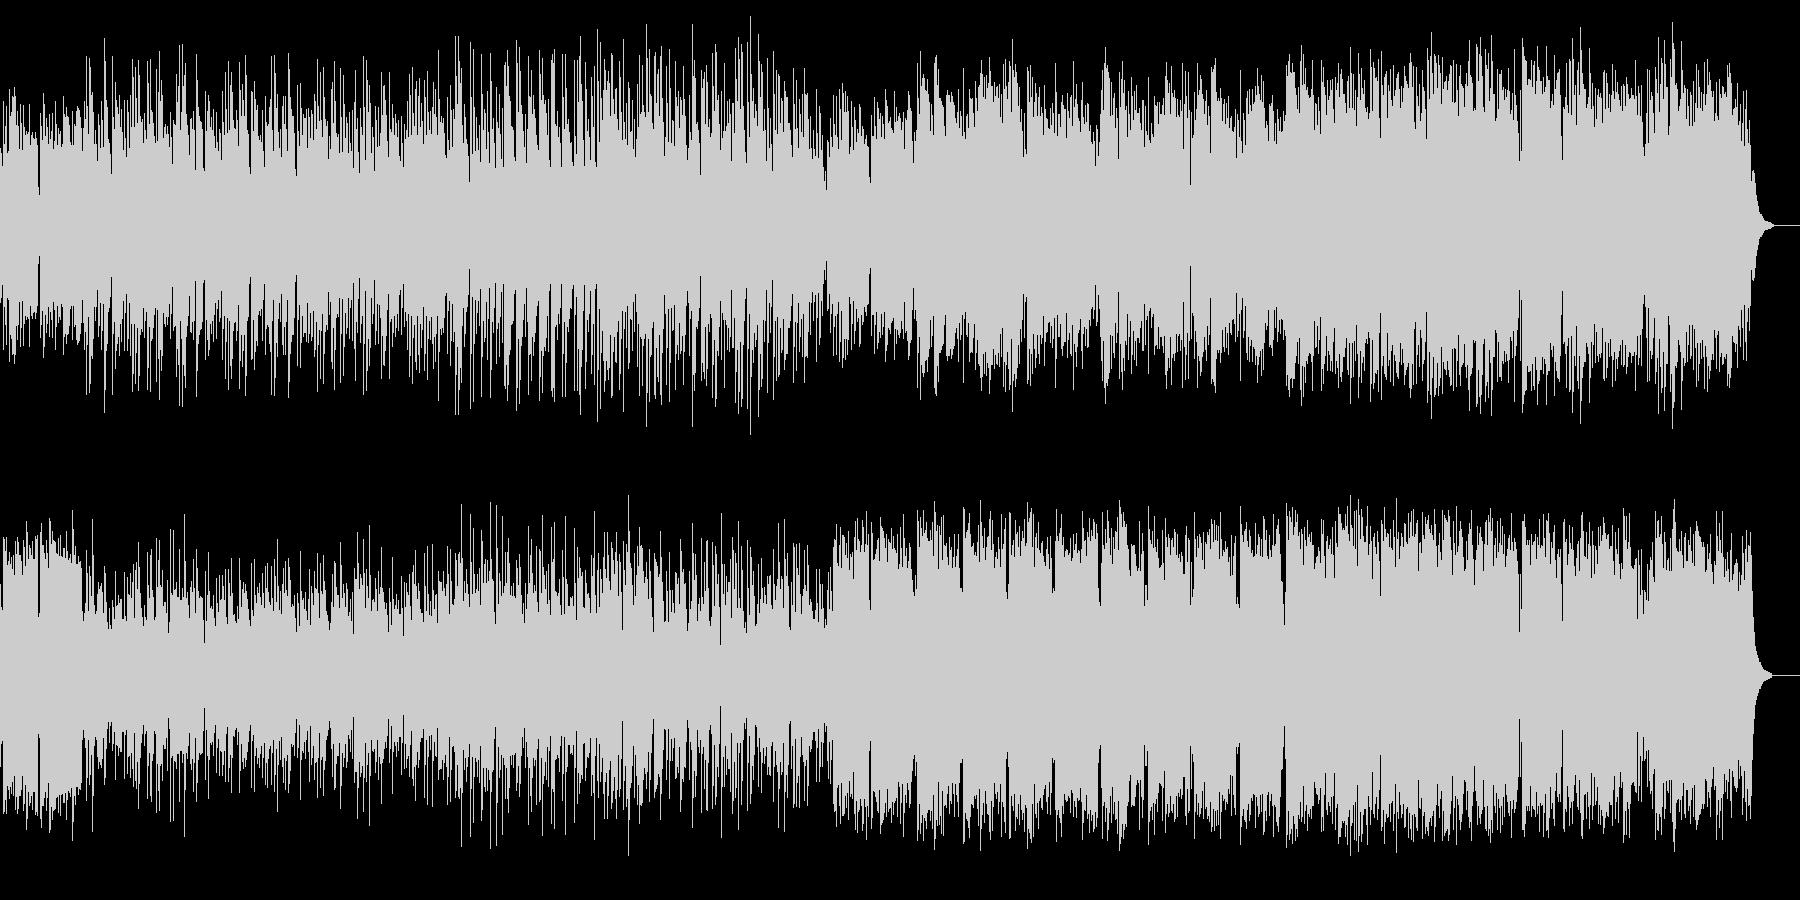 しっとりとして懐かしいピアノ中心の楽曲の未再生の波形